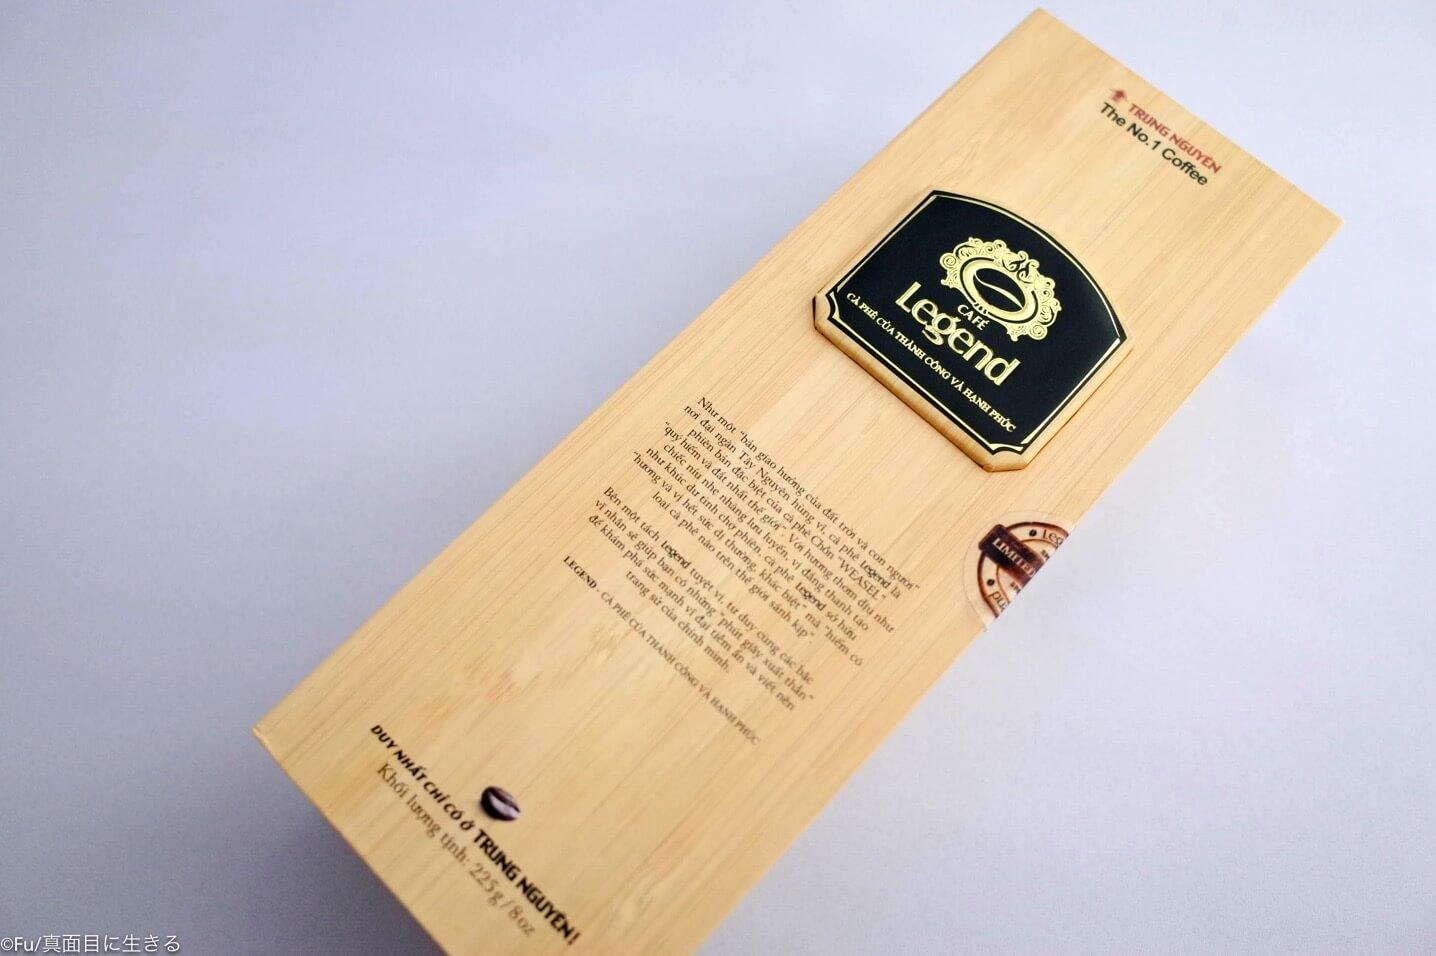 「Legendee」の箱